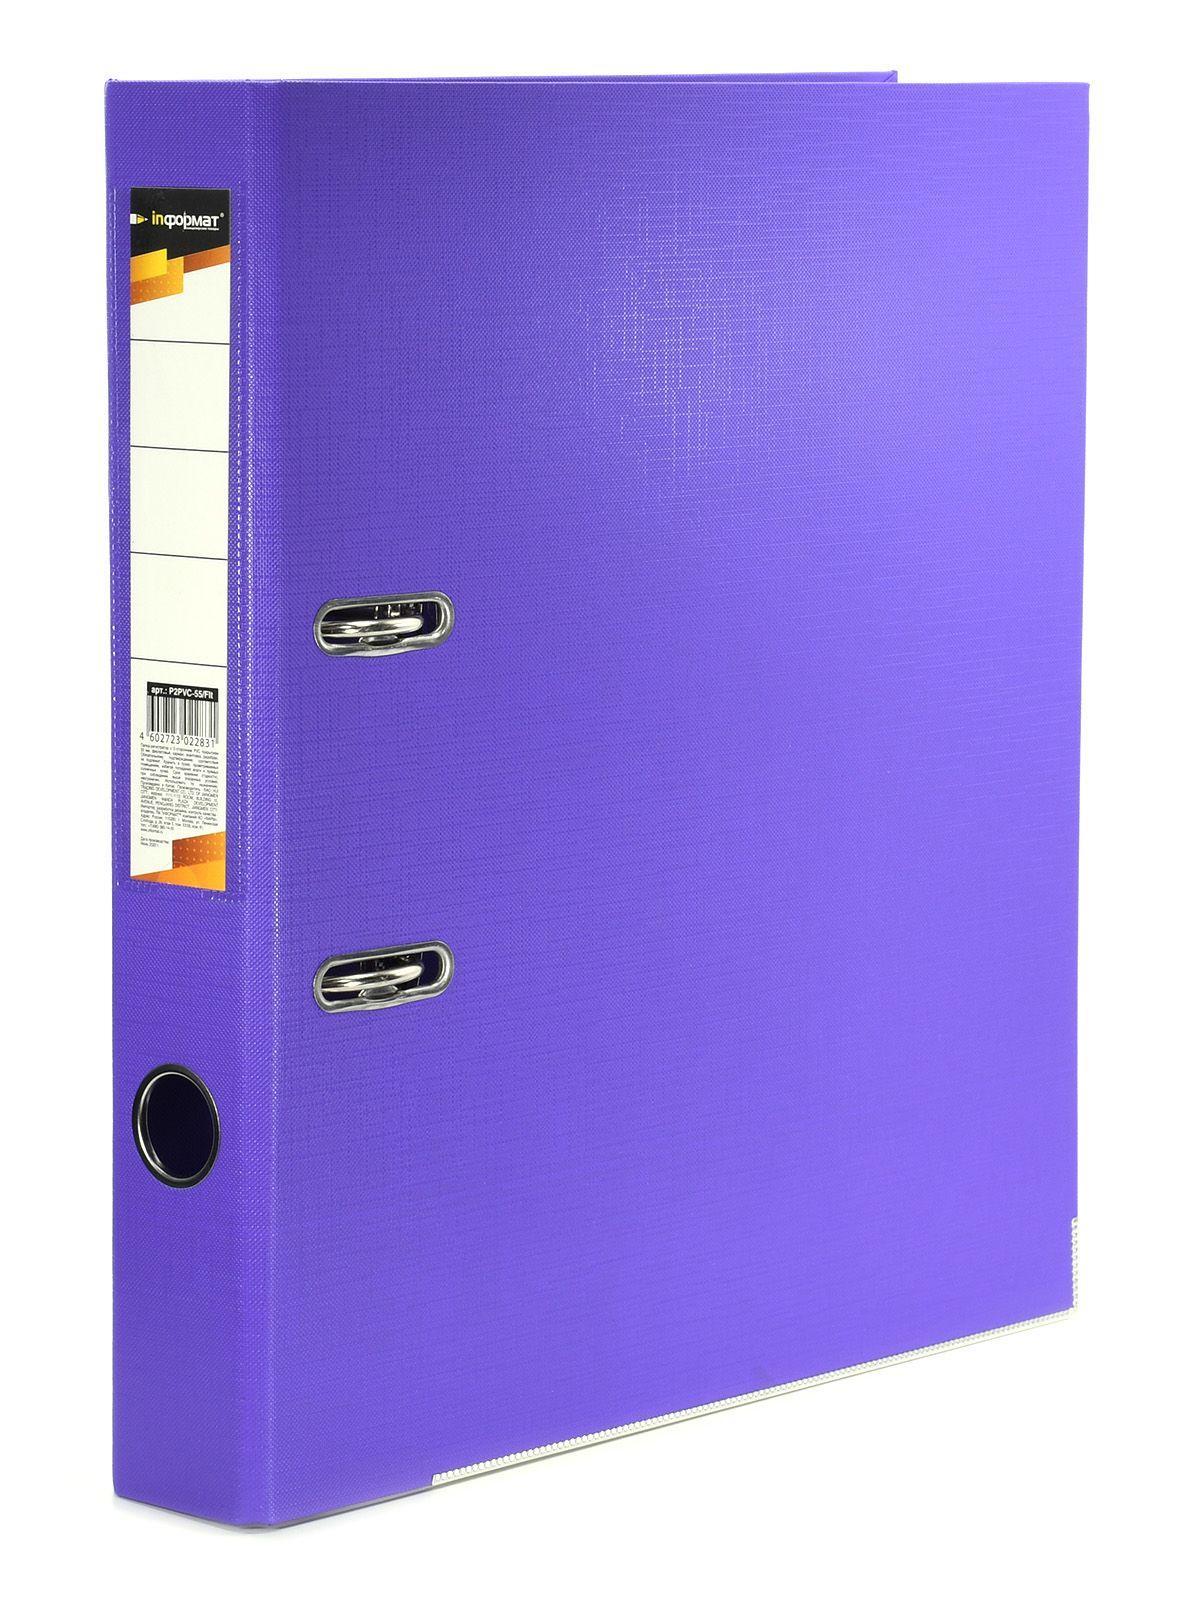 Папка-регистратор INFORMAT 55 мм двухстороннее покрытие PVC, фиолетовая